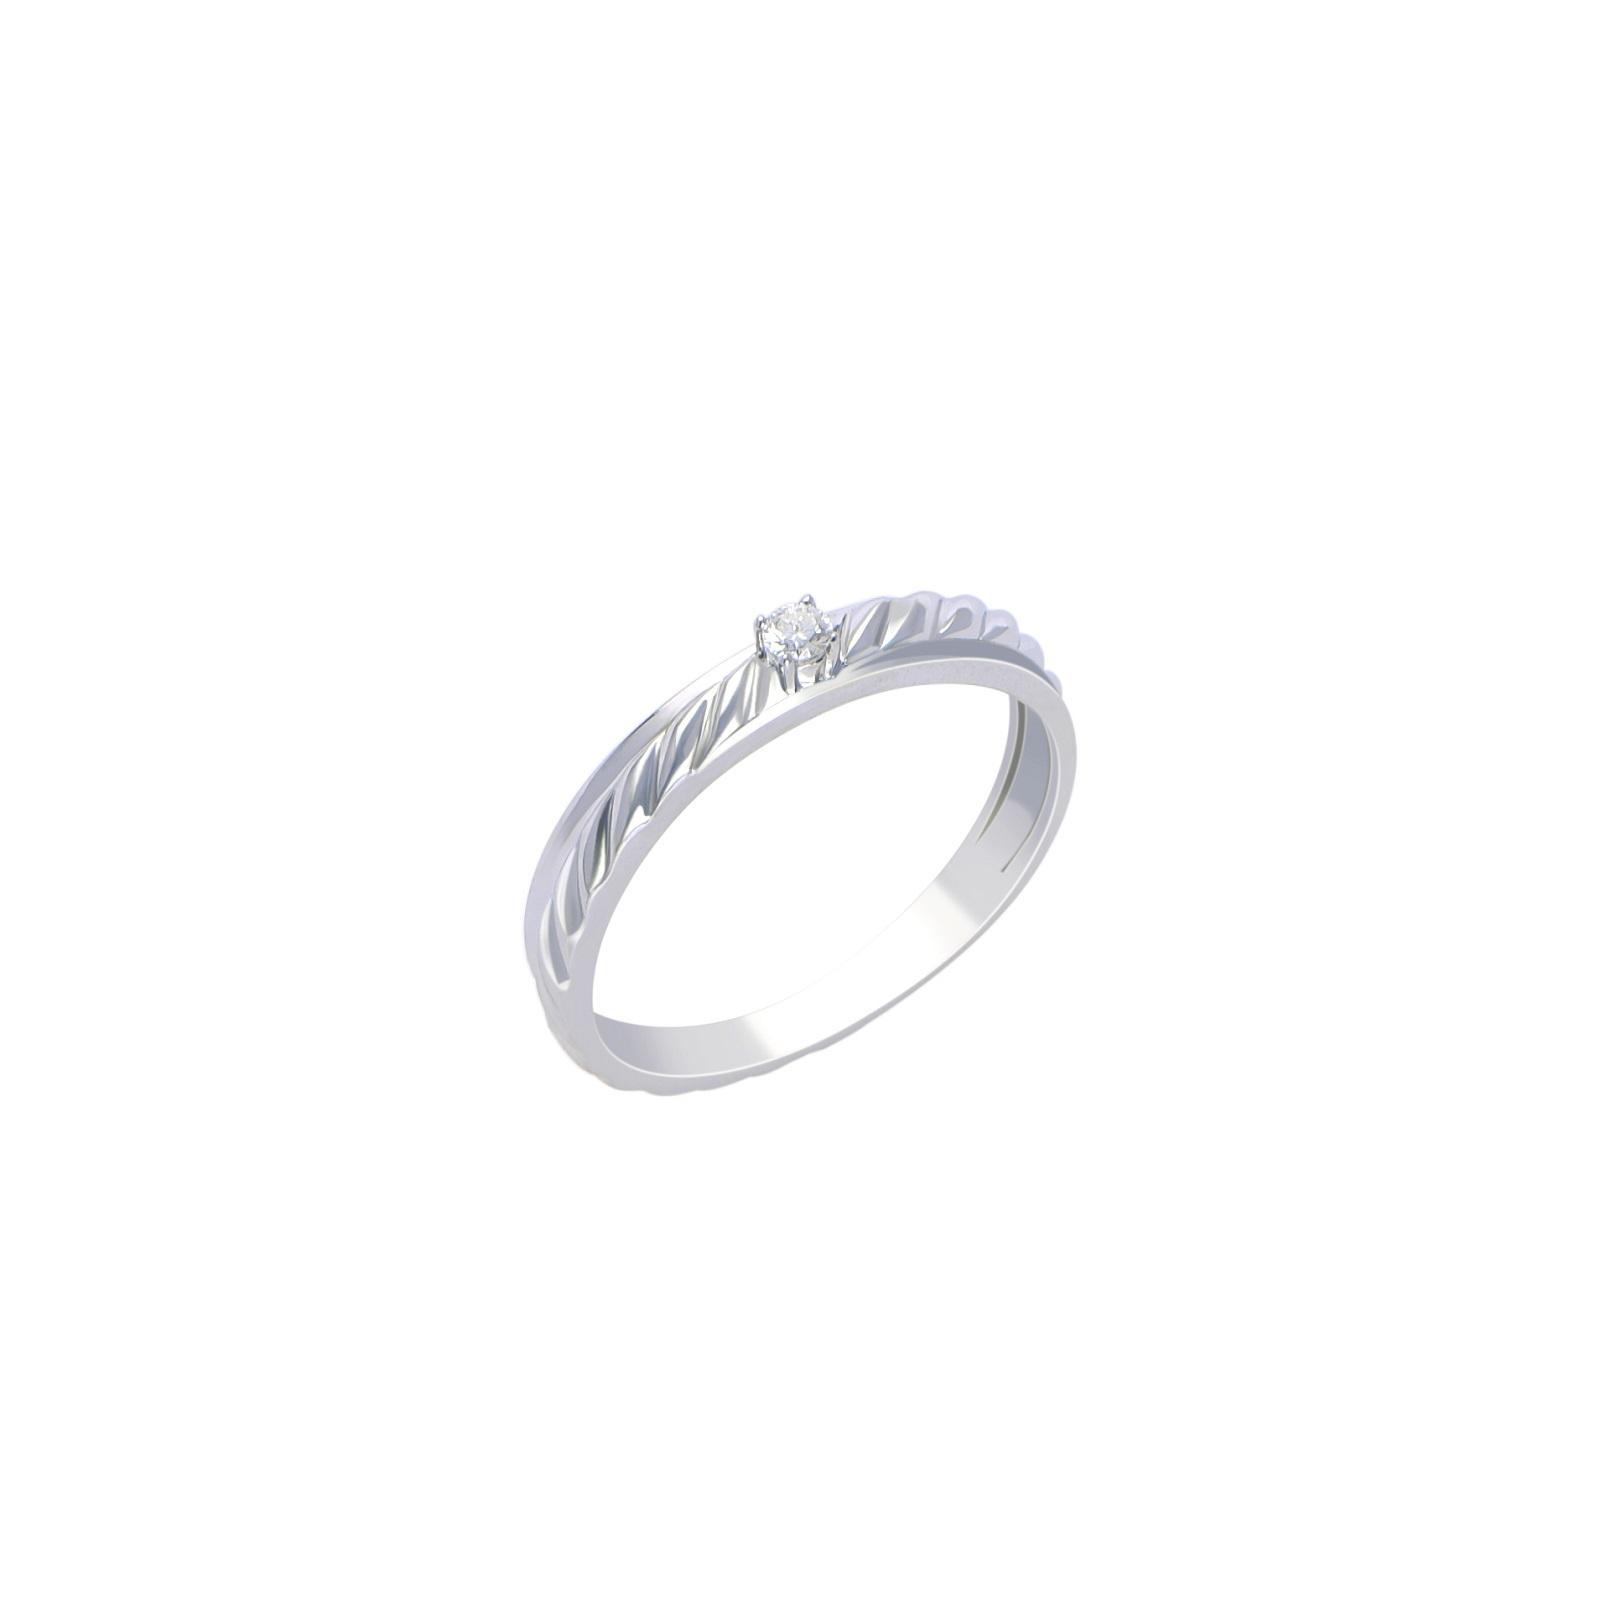 Nhẫn cưới Kim cương nữ 21Q.005NC